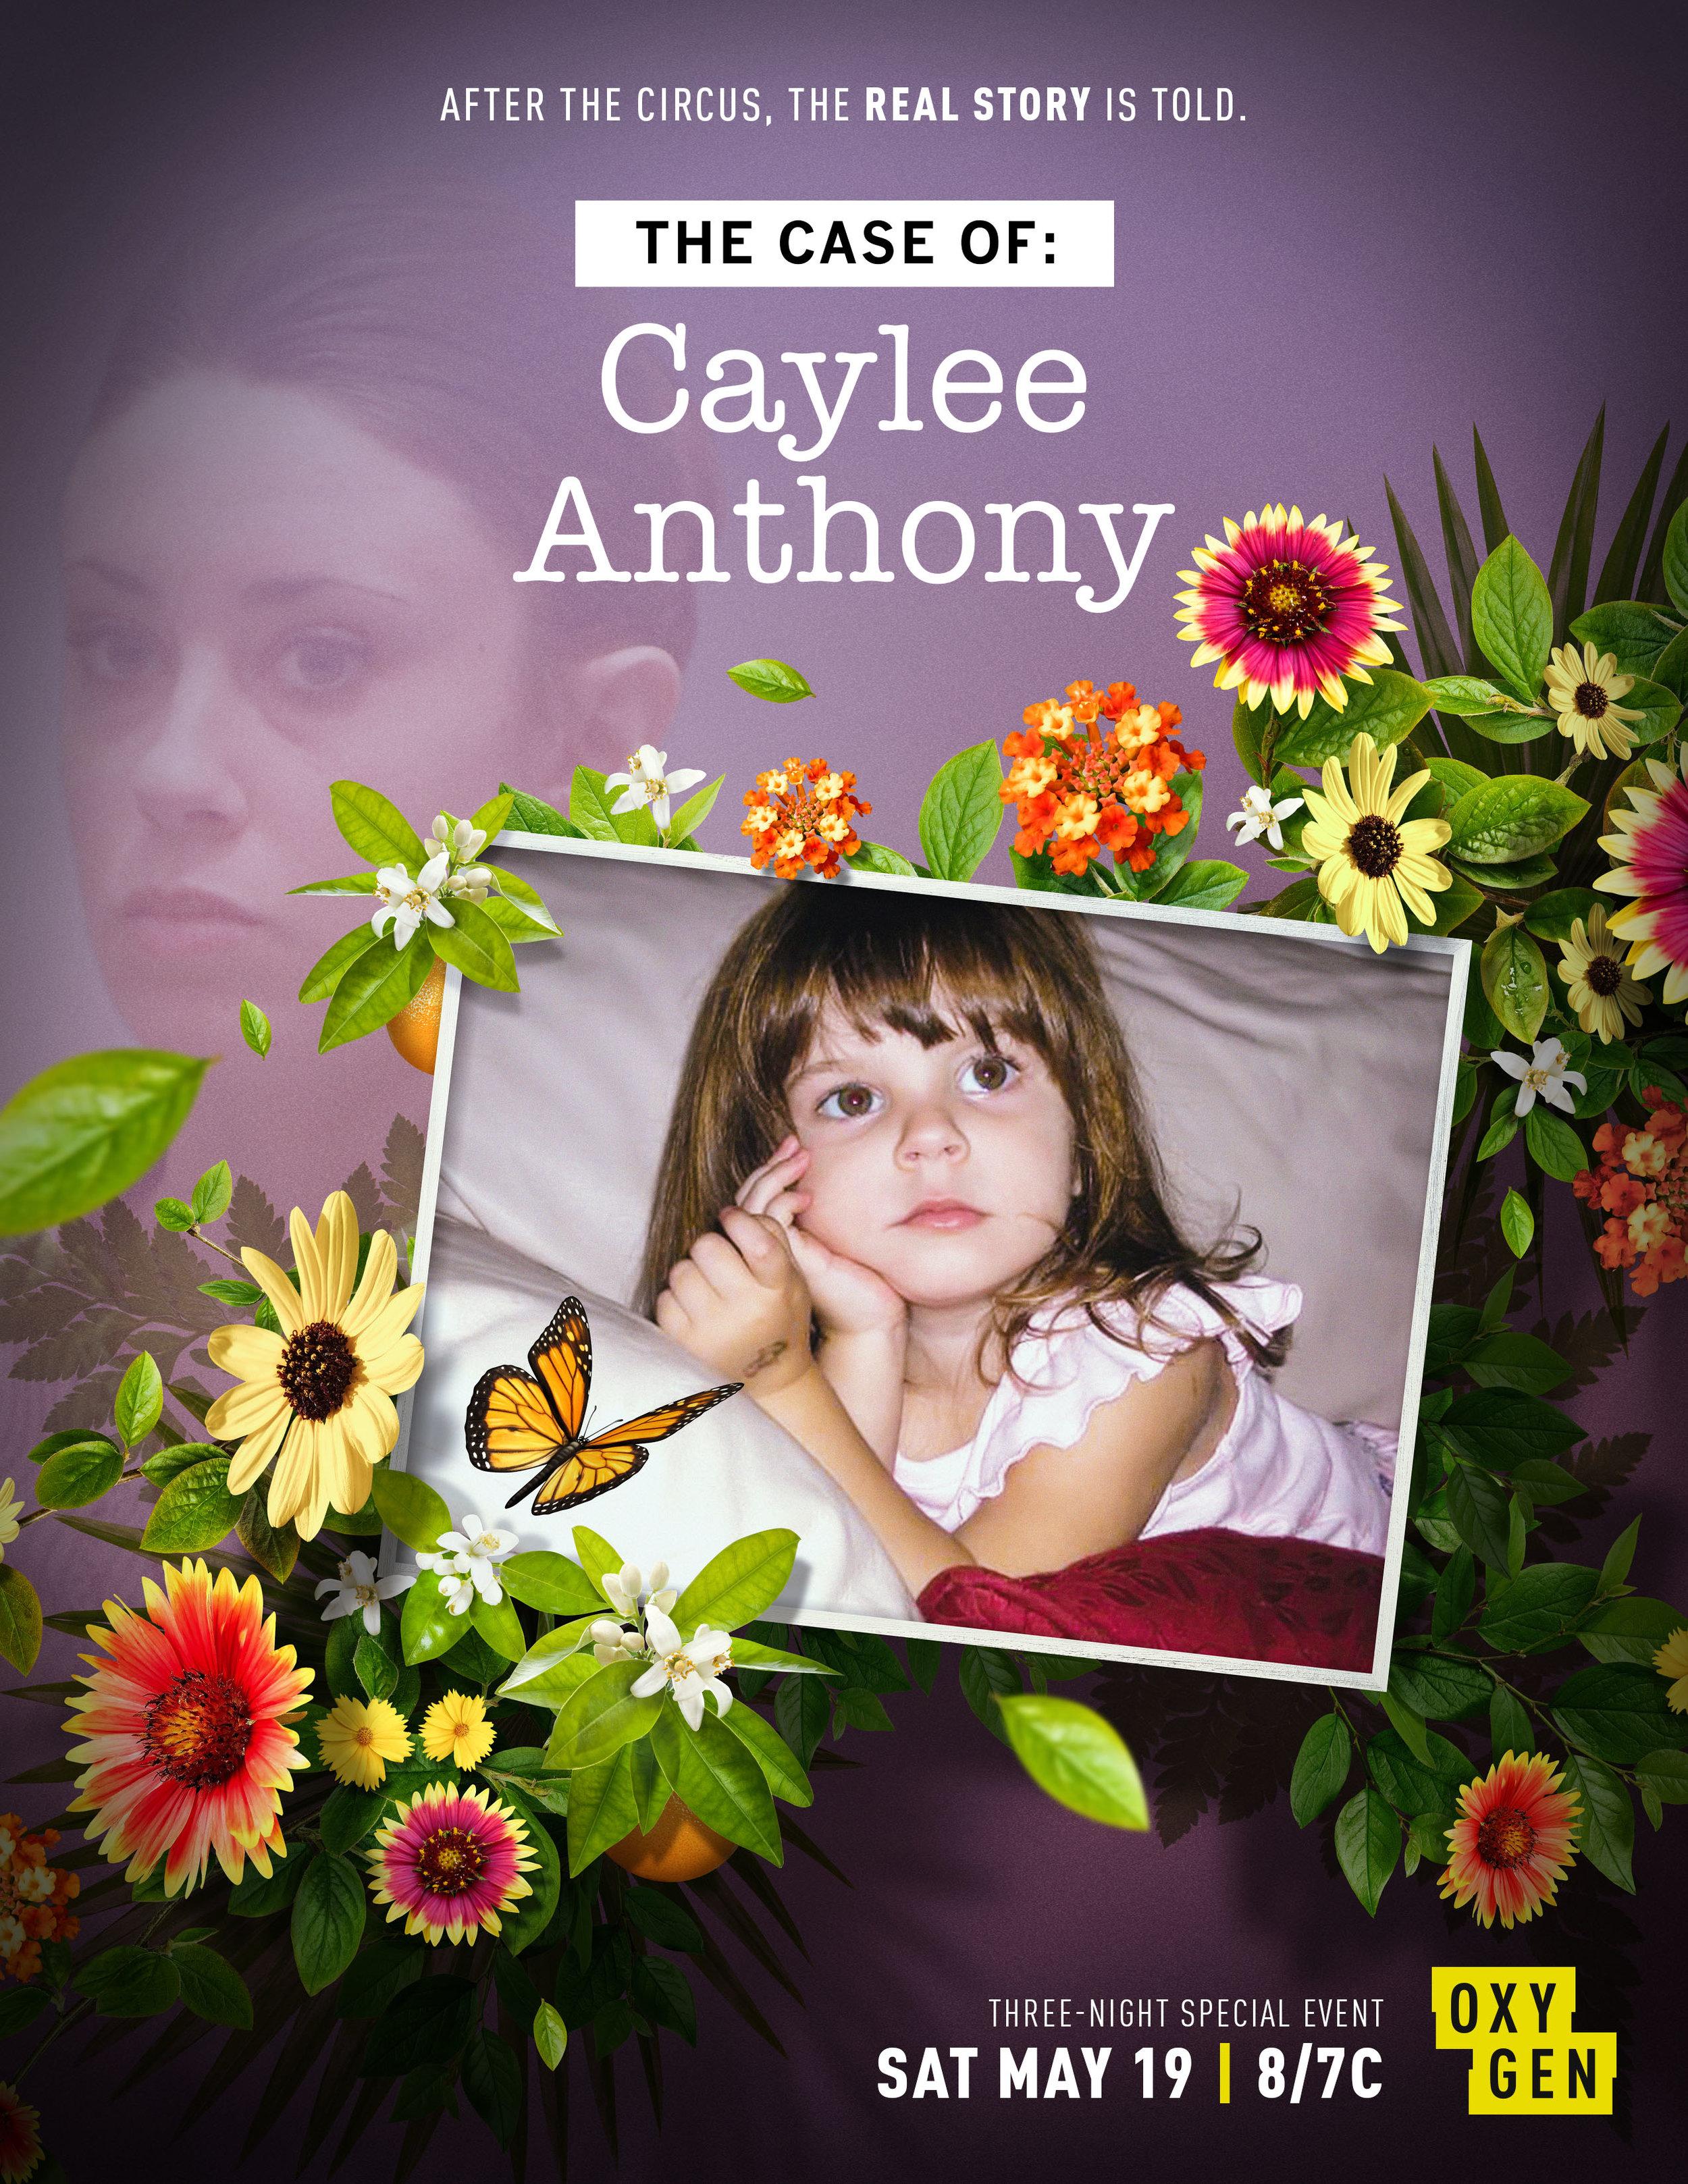 CayleeAnthony_KeyArt_030518_300dpi.jpg